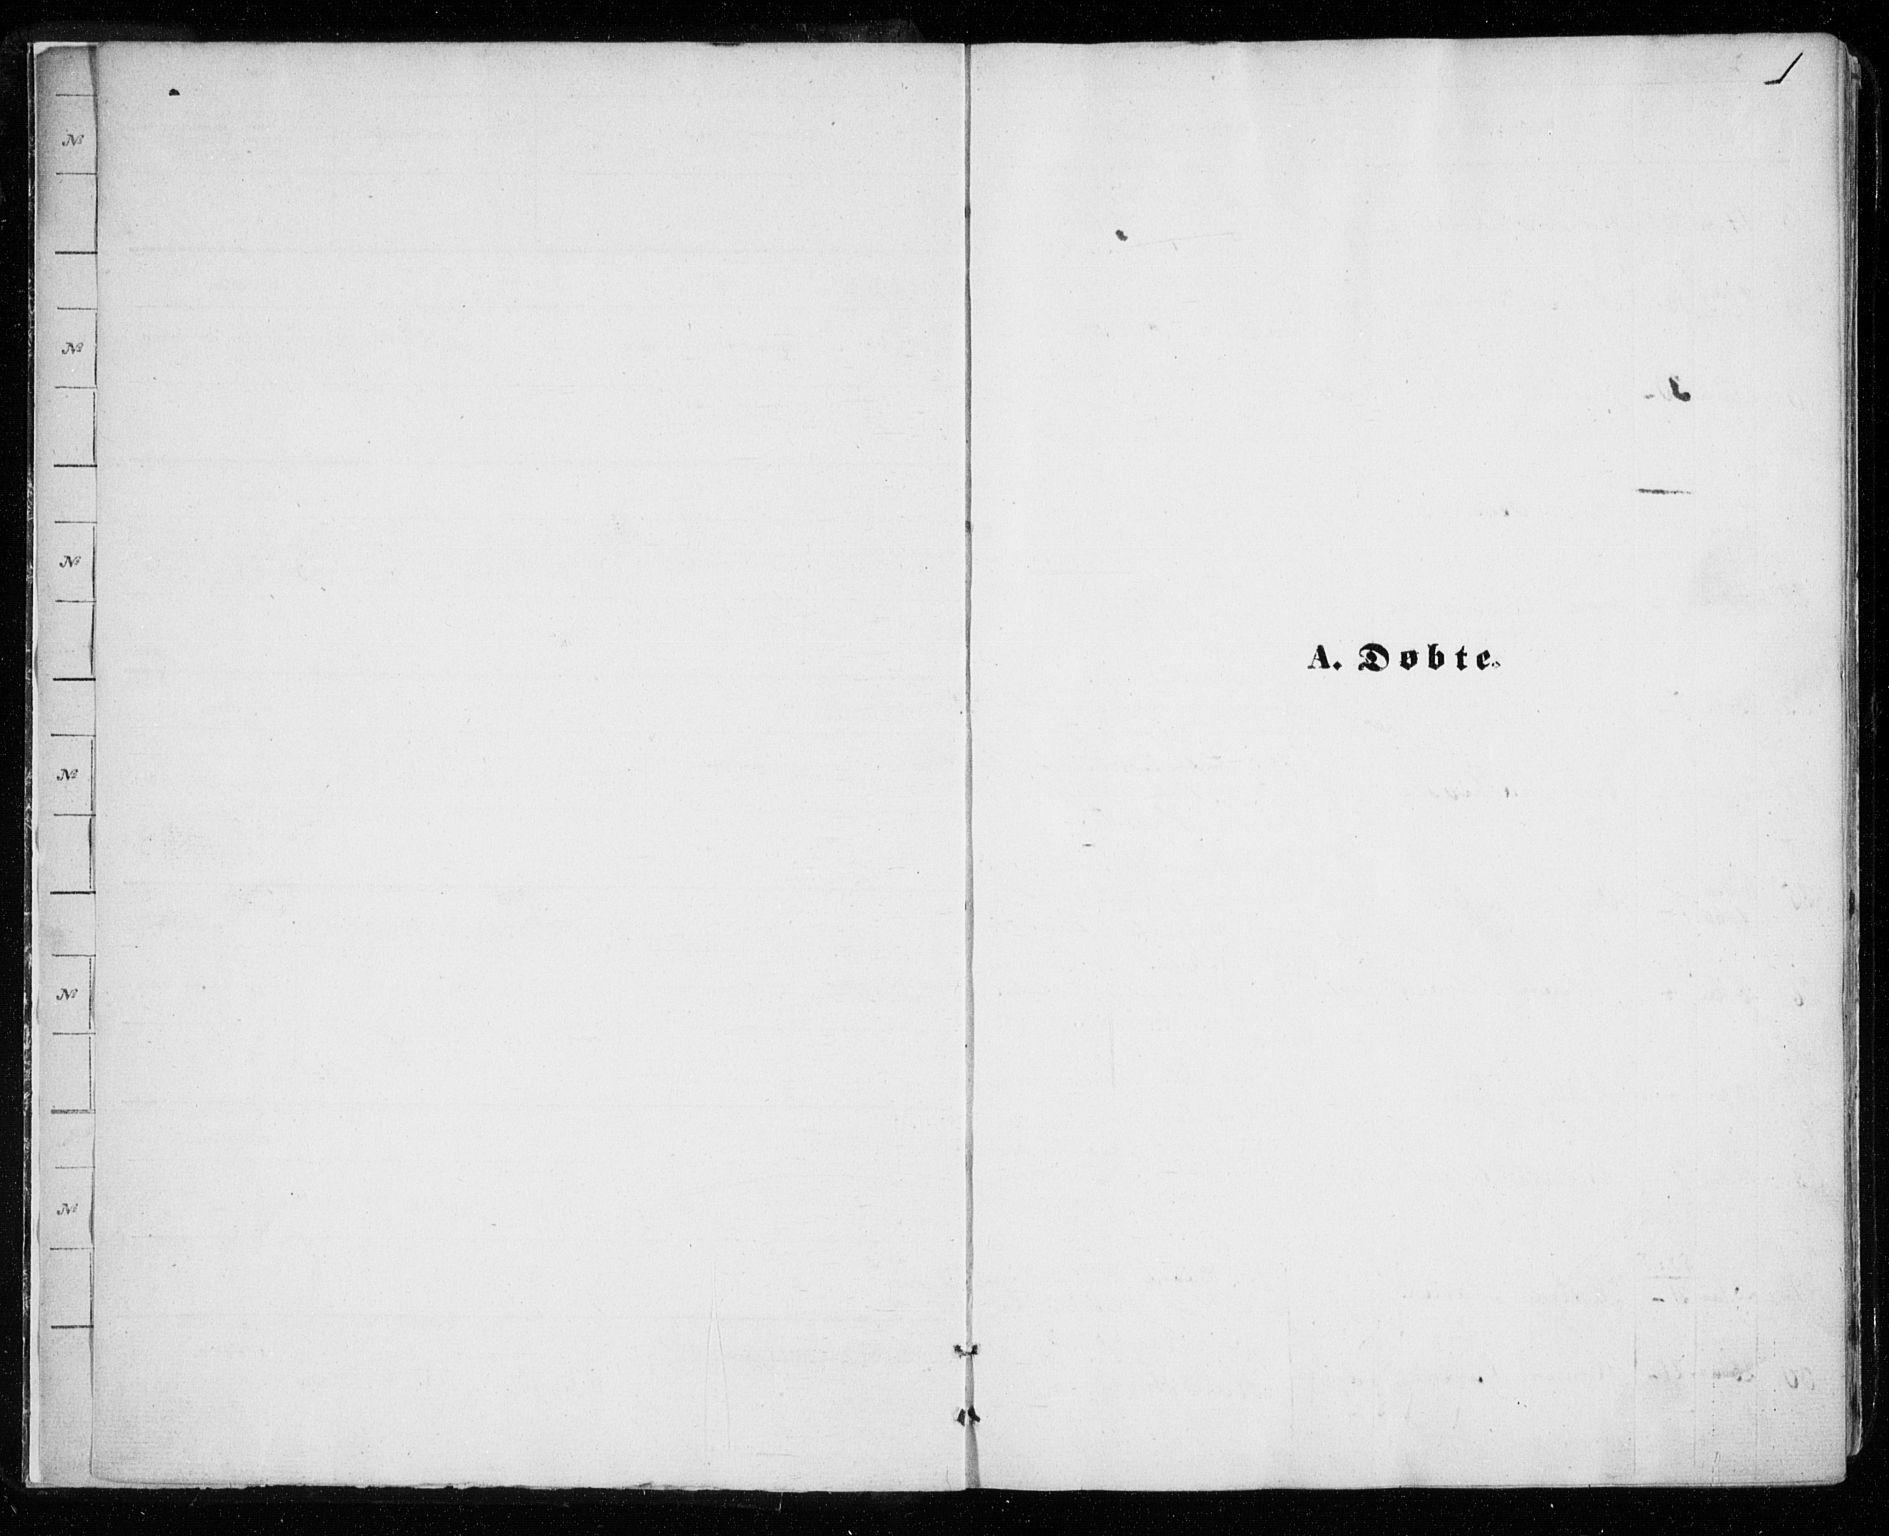 SATØ, Tromsøysund sokneprestkontor, G/Ga/L0002kirke: Ministerialbok nr. 2, 1867-1875, s. 1